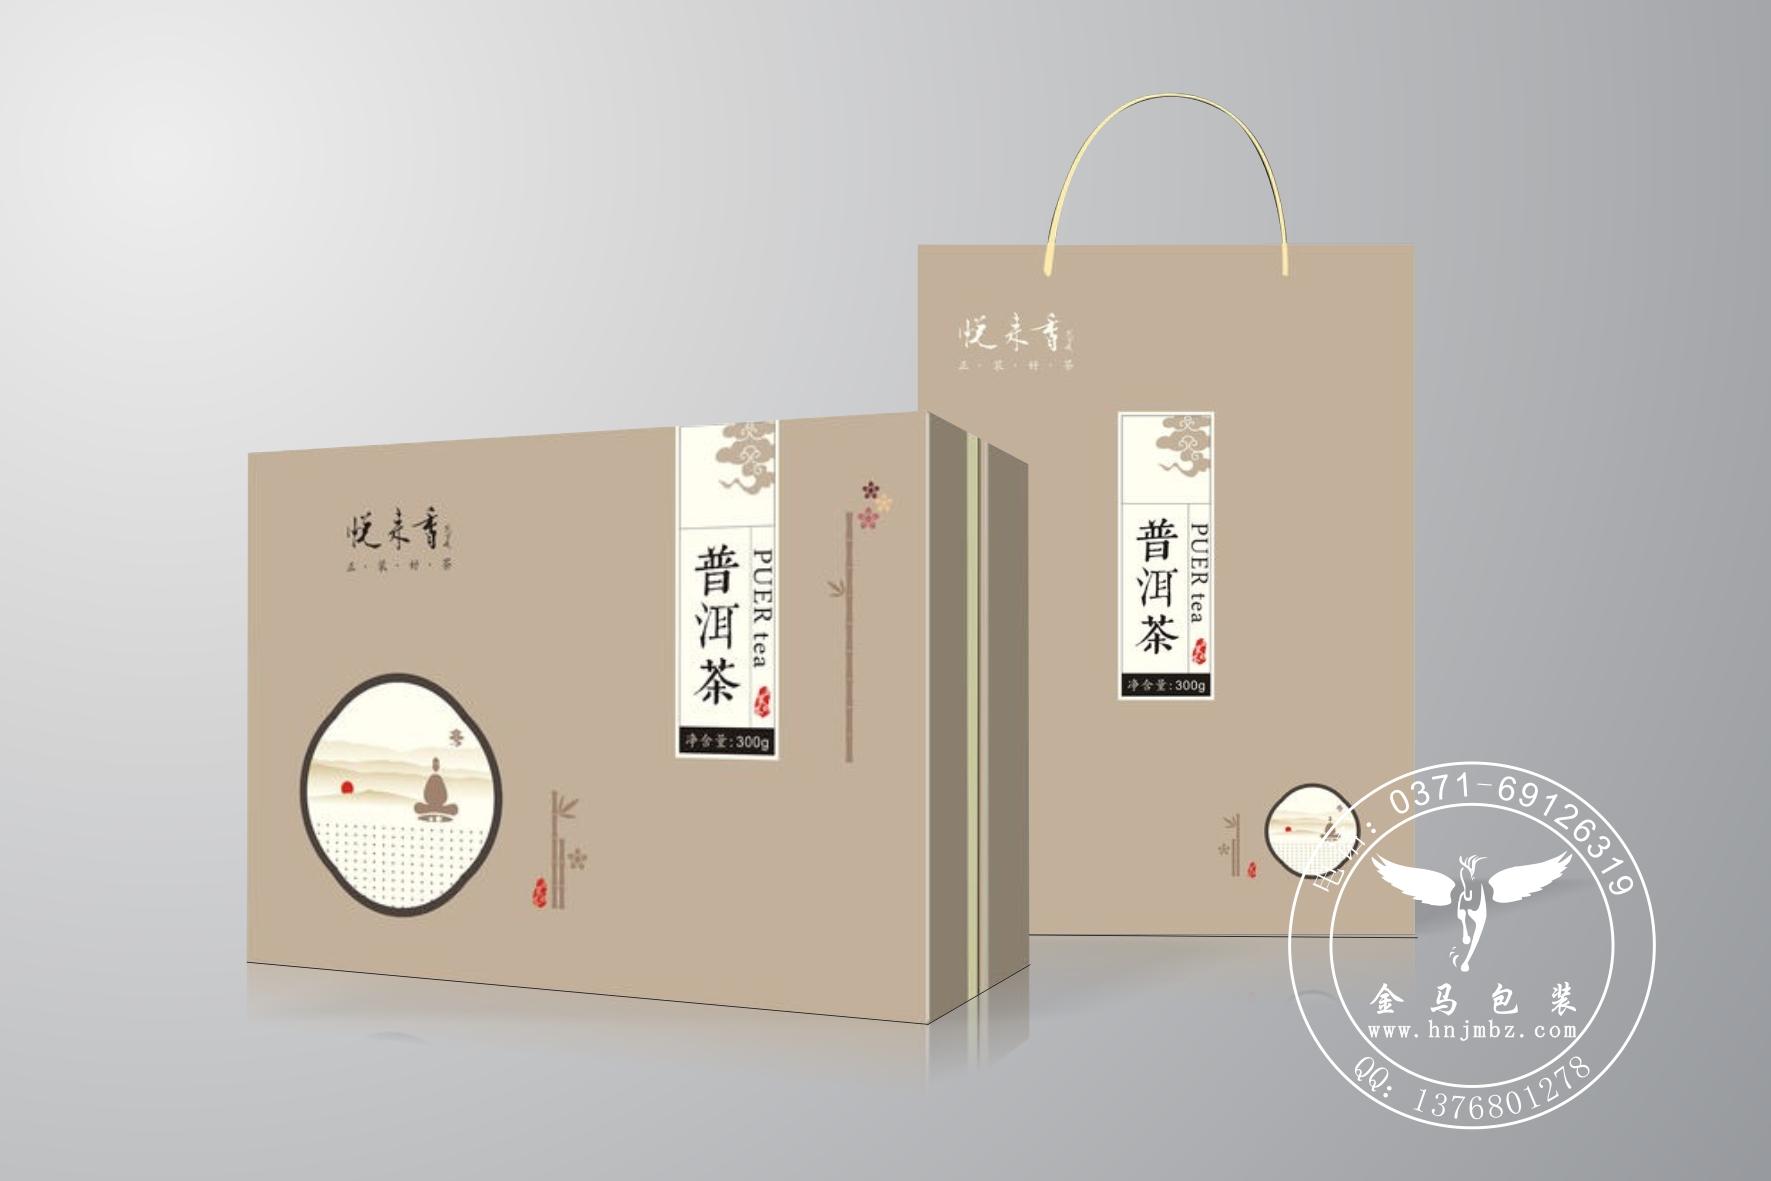 临汾qy288千赢国际  牛皮土特产纸箱包装加工